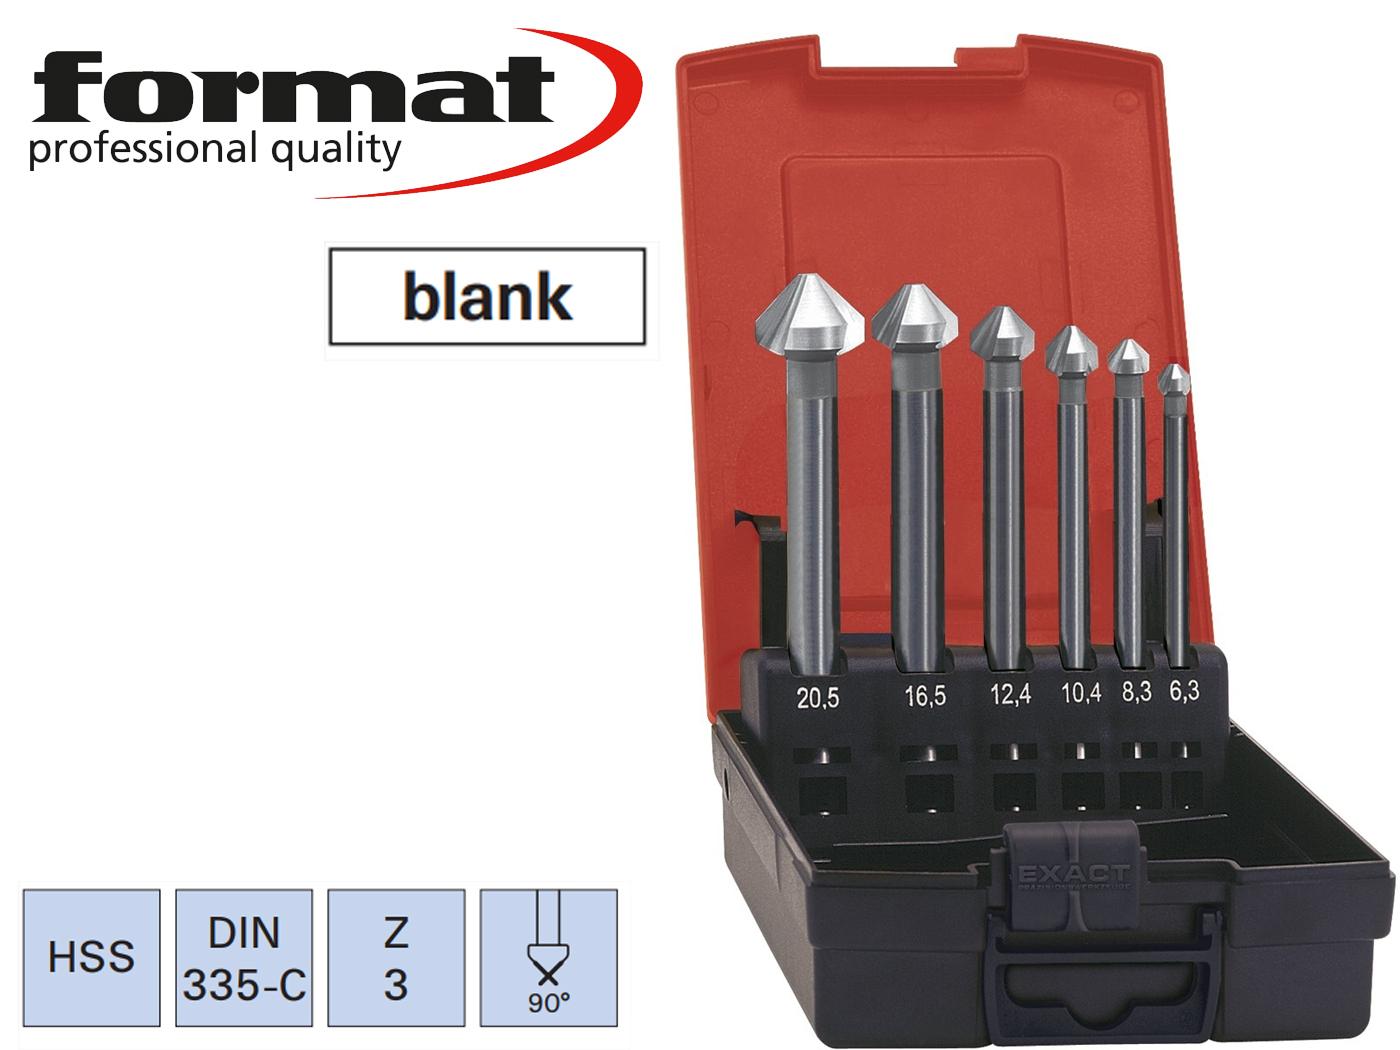 verzinkboor set extra Lang DIN 335 C 90G FORMAT | DKMTools - DKM Tools